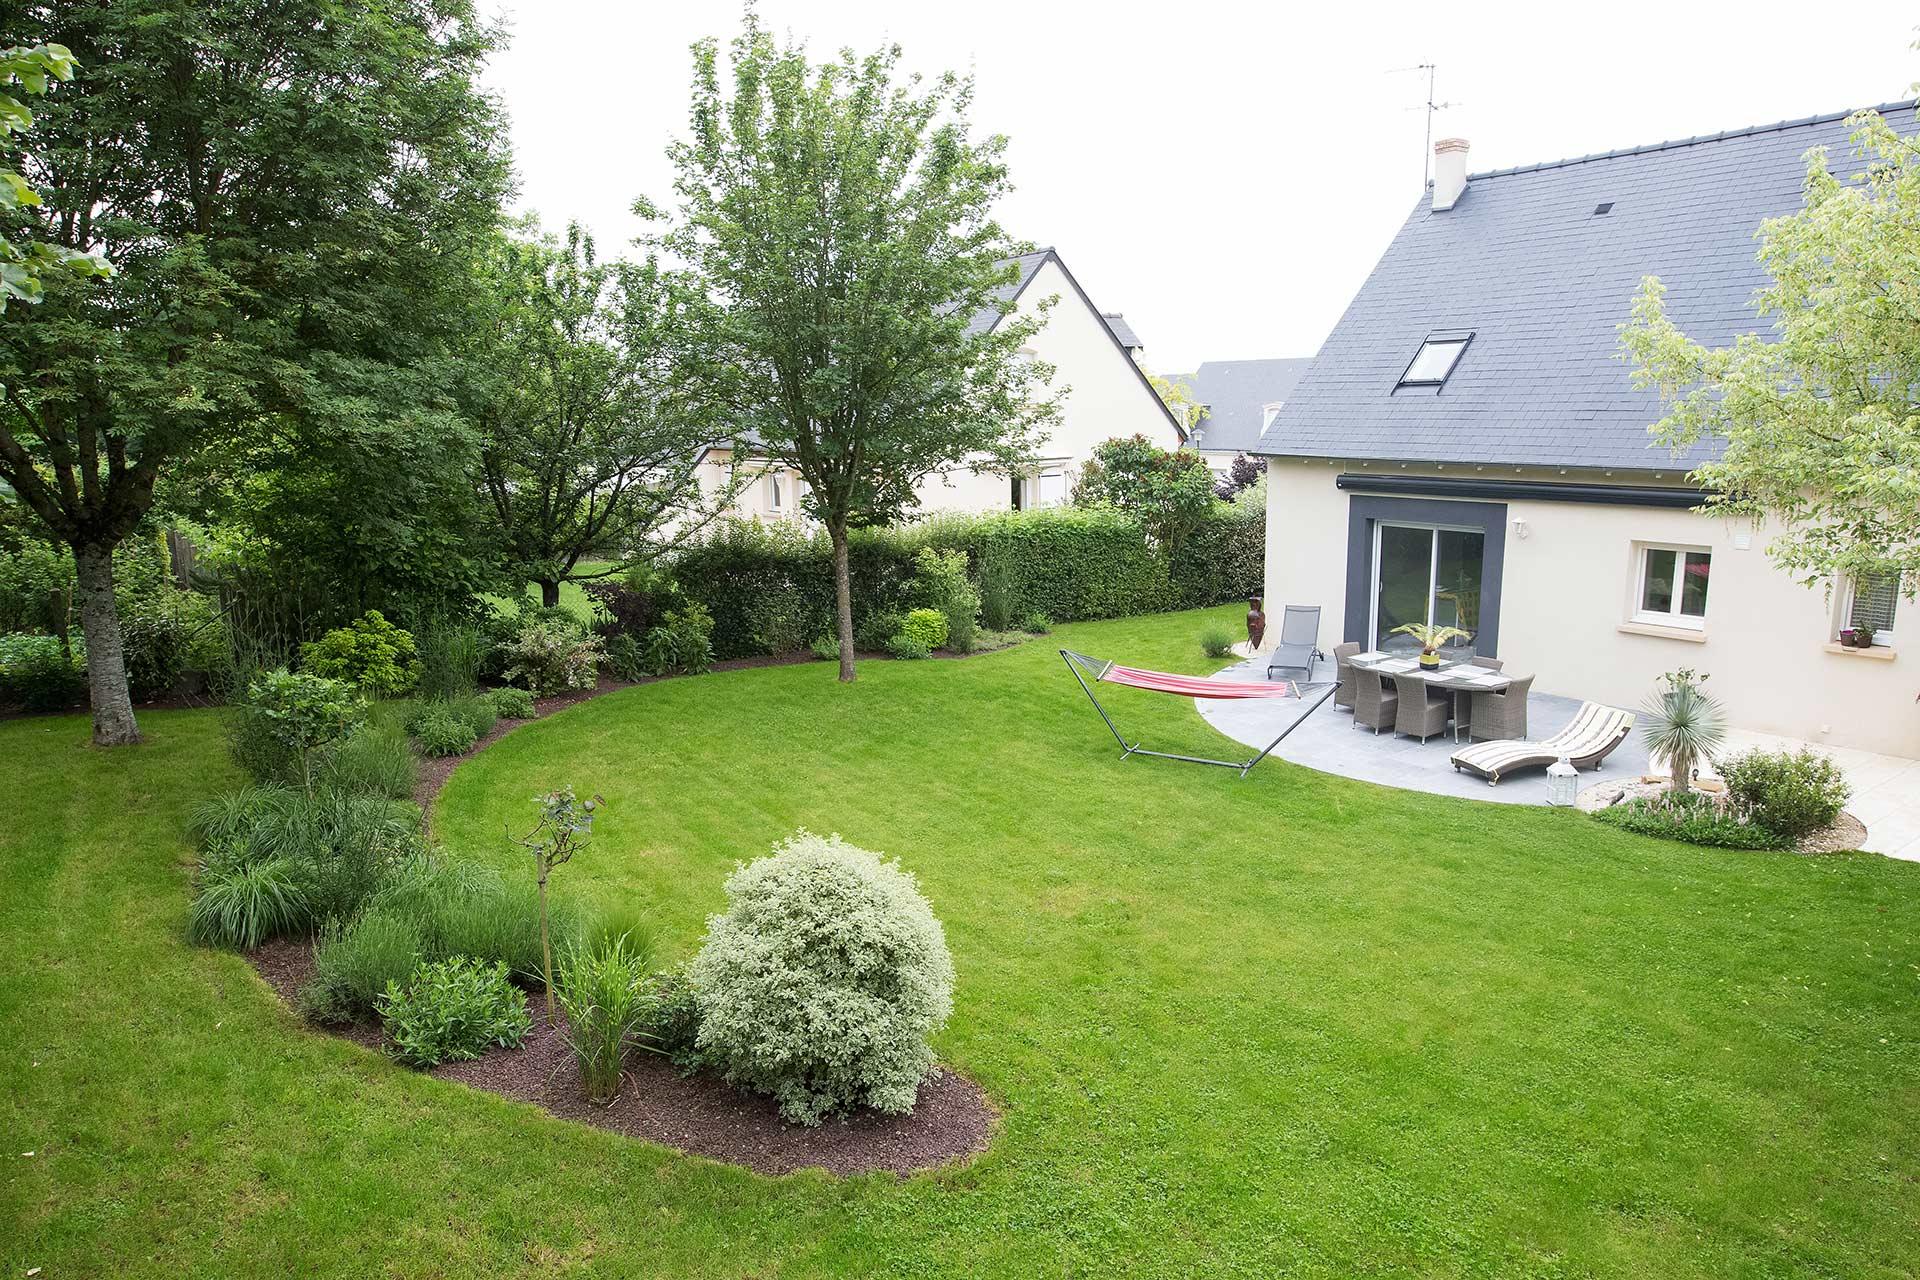 Serrault Jardins, paysagiste valorise vos extérieurs grace à son savoir faire et son expertise dans le paysage.